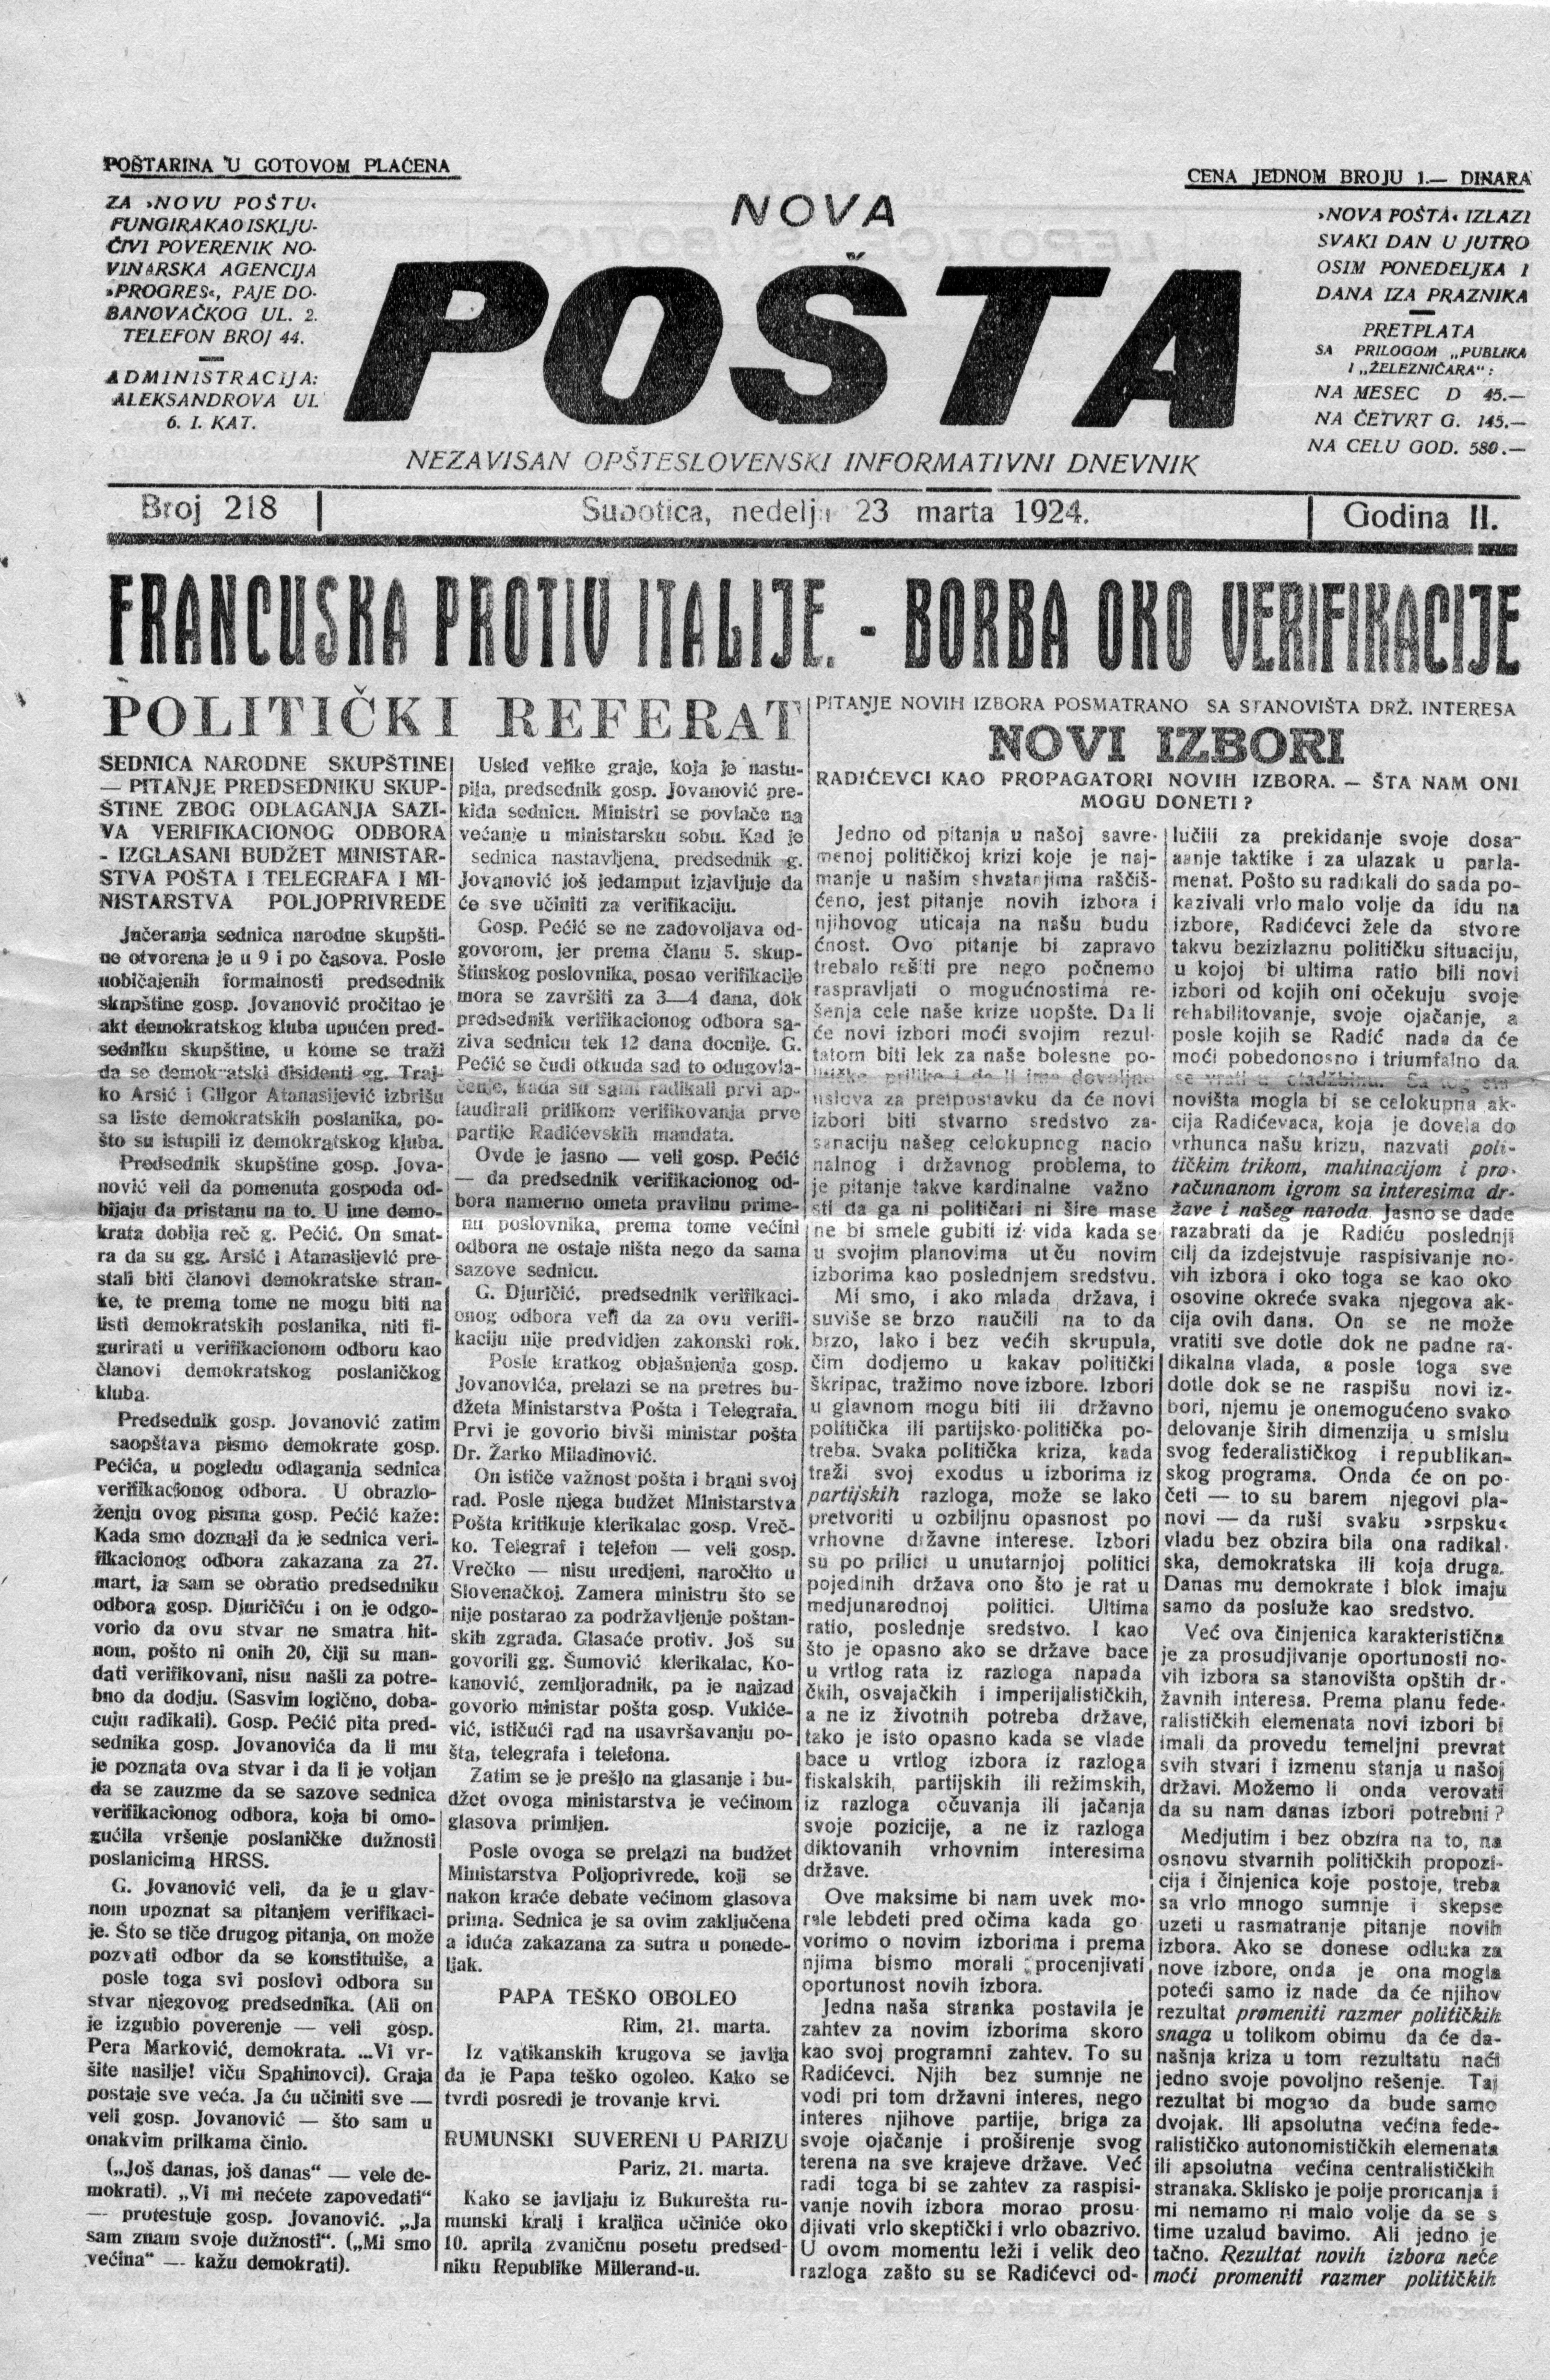 Nova Posta 23 mart 1923